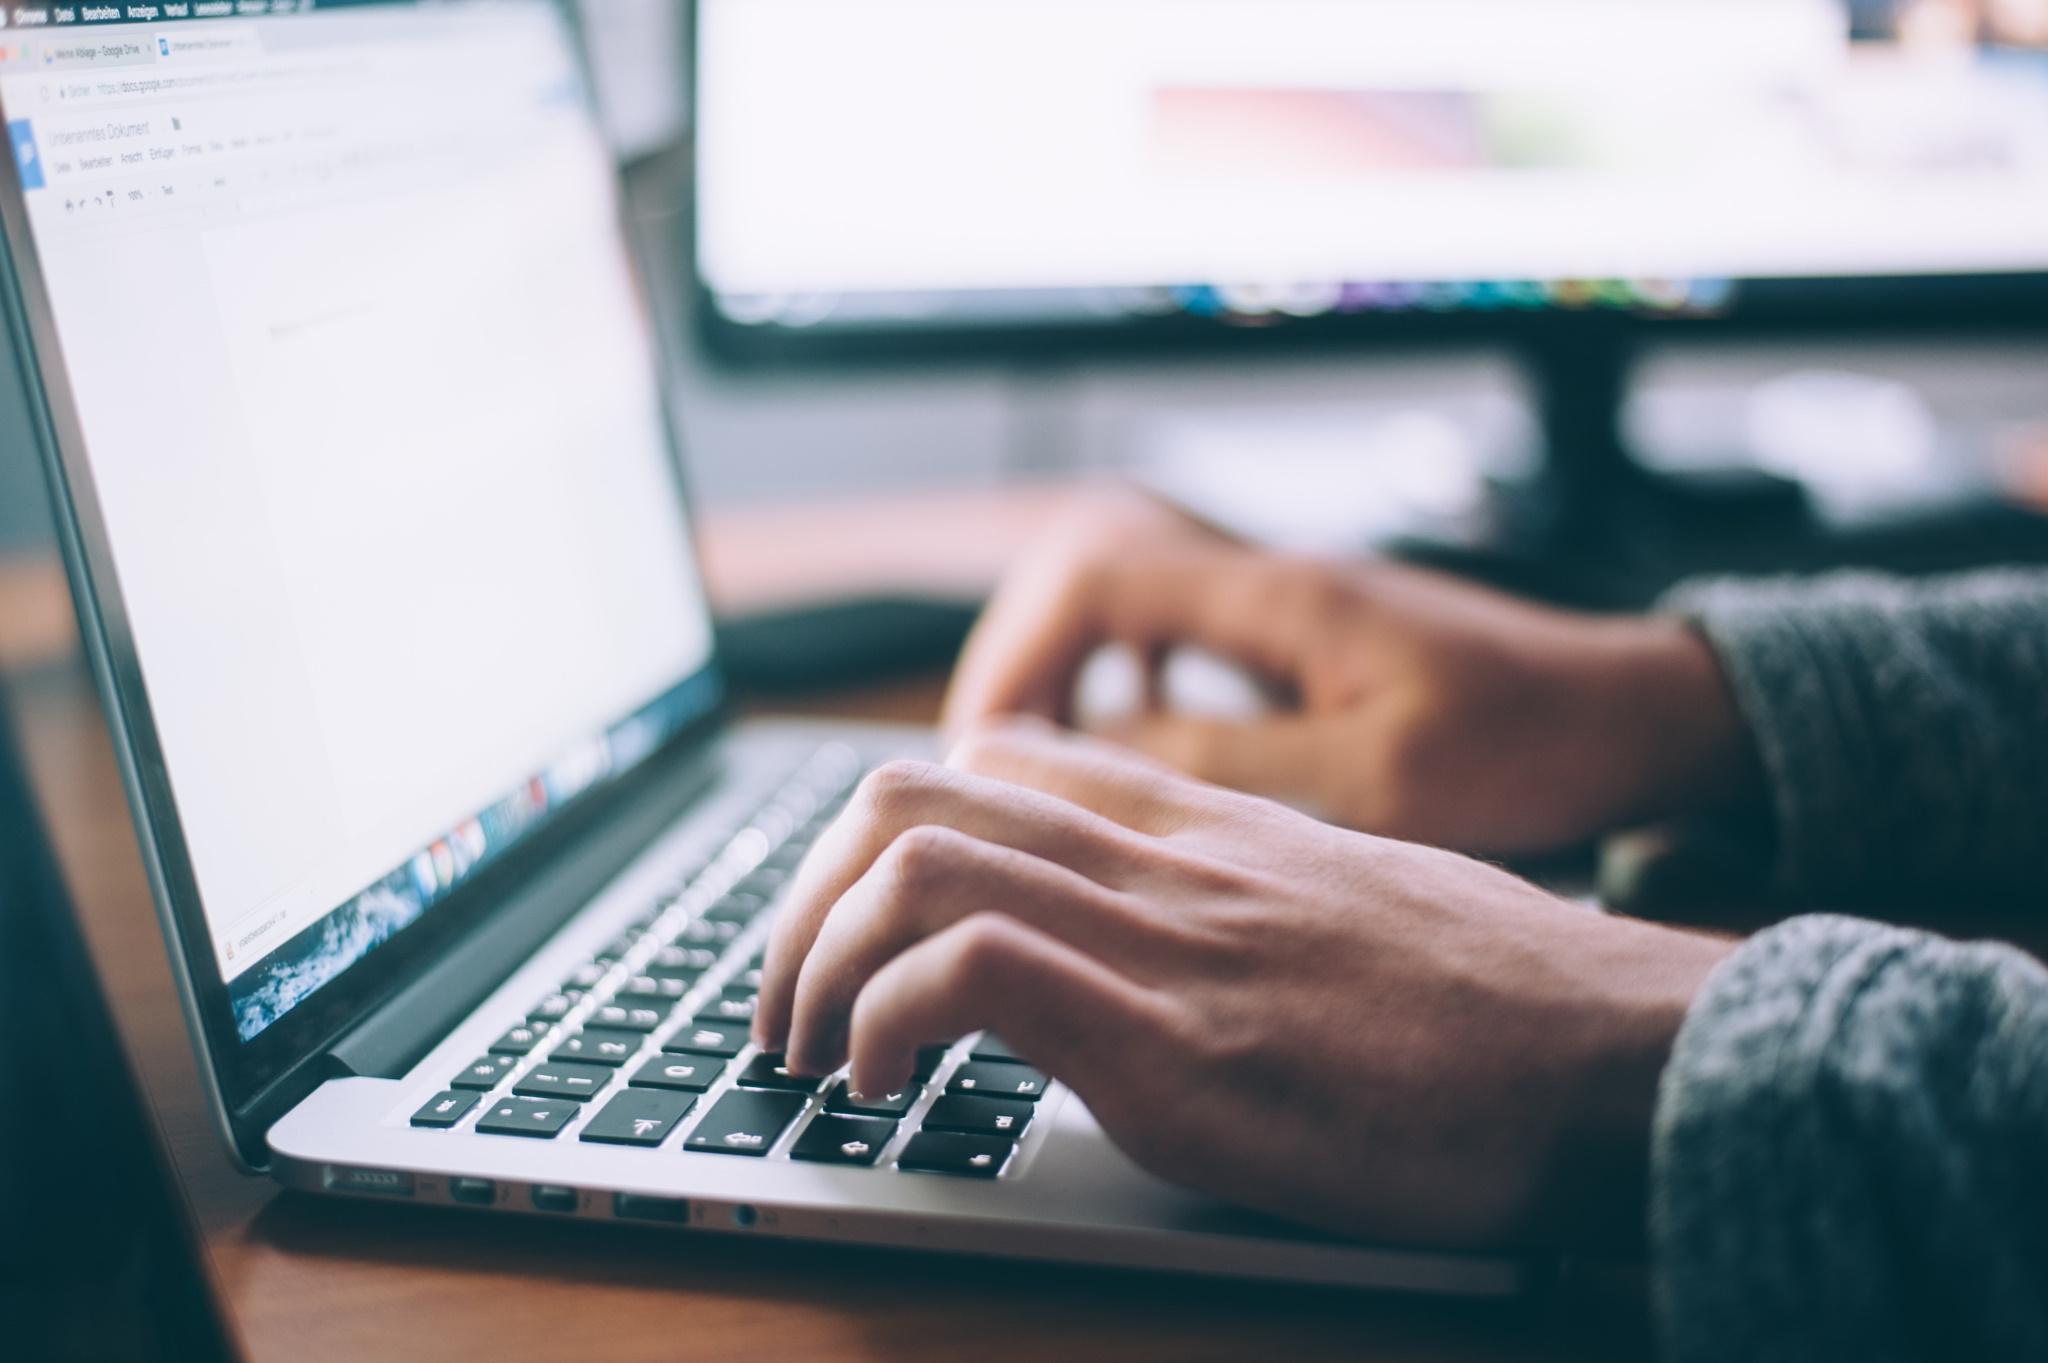 arbeiten am mac laptop computer notebook glenn-carstens-peters-npxXWgQ33ZQ-unsplash